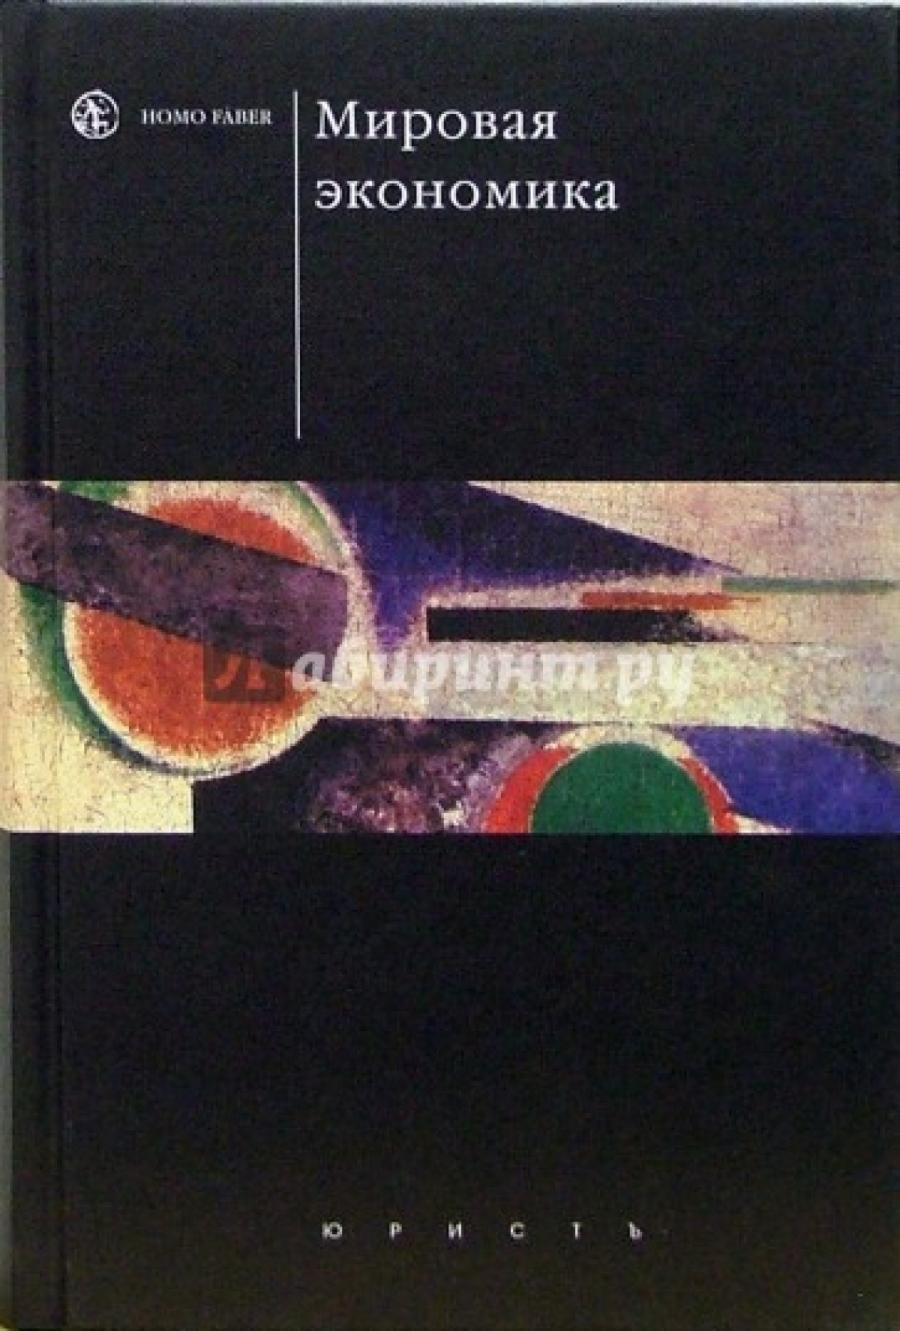 Обложка книги:  булатов а.с. - мировая экономика